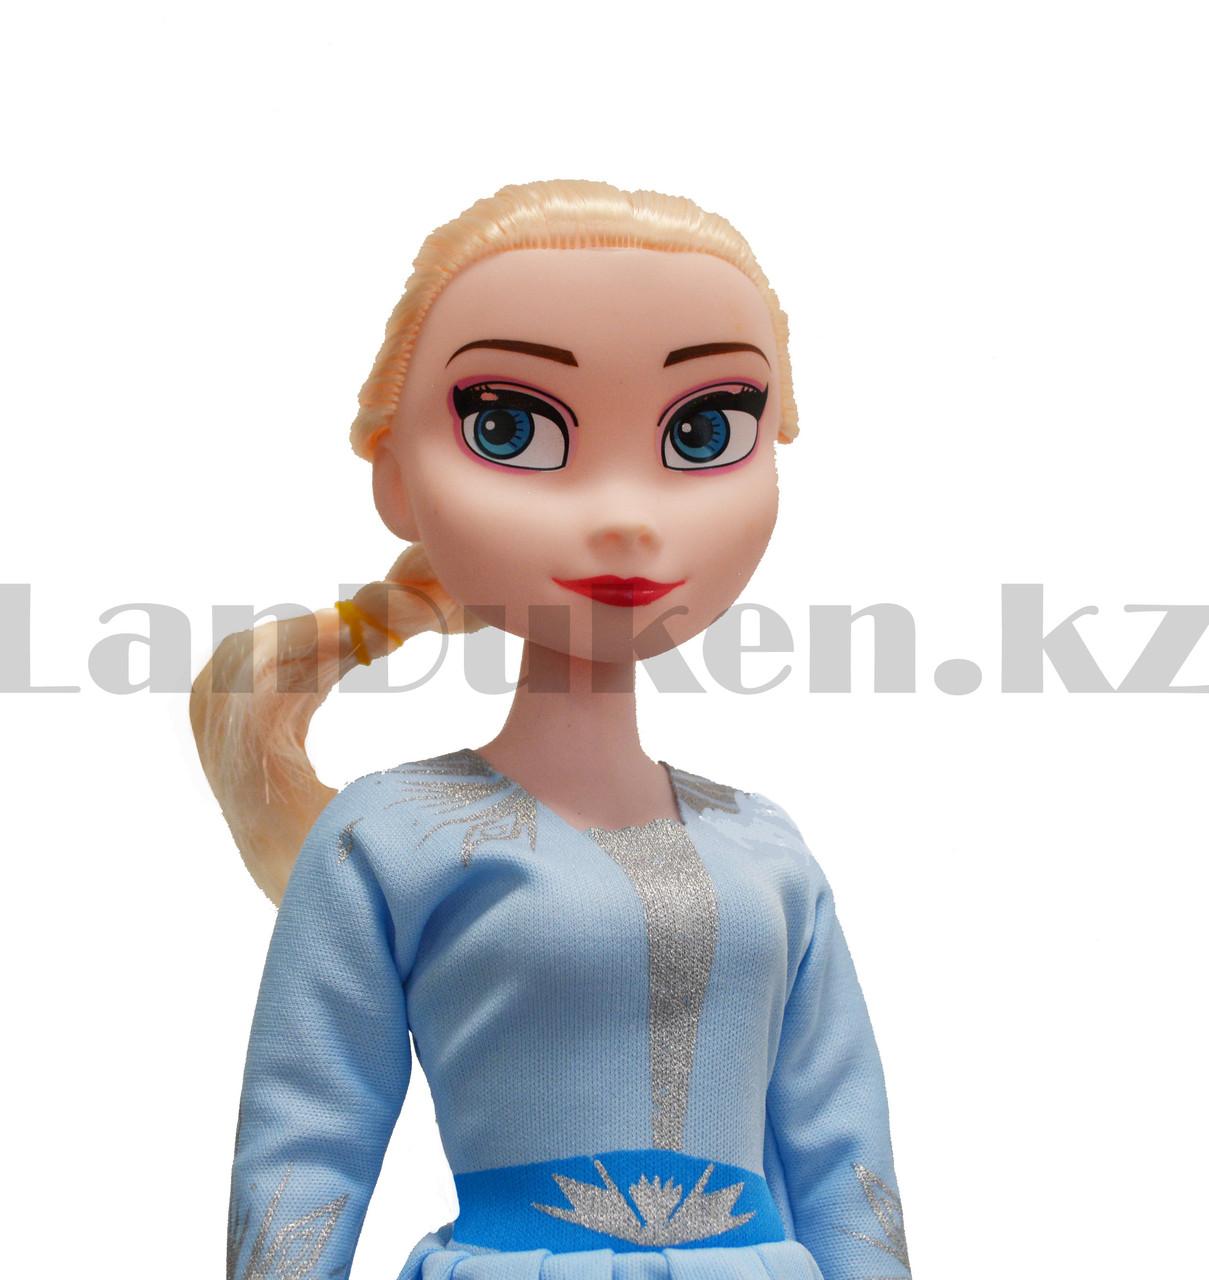 Детская музыкальная кукла Эльза Холодное сердце (Frozen) 42 см - фото 2